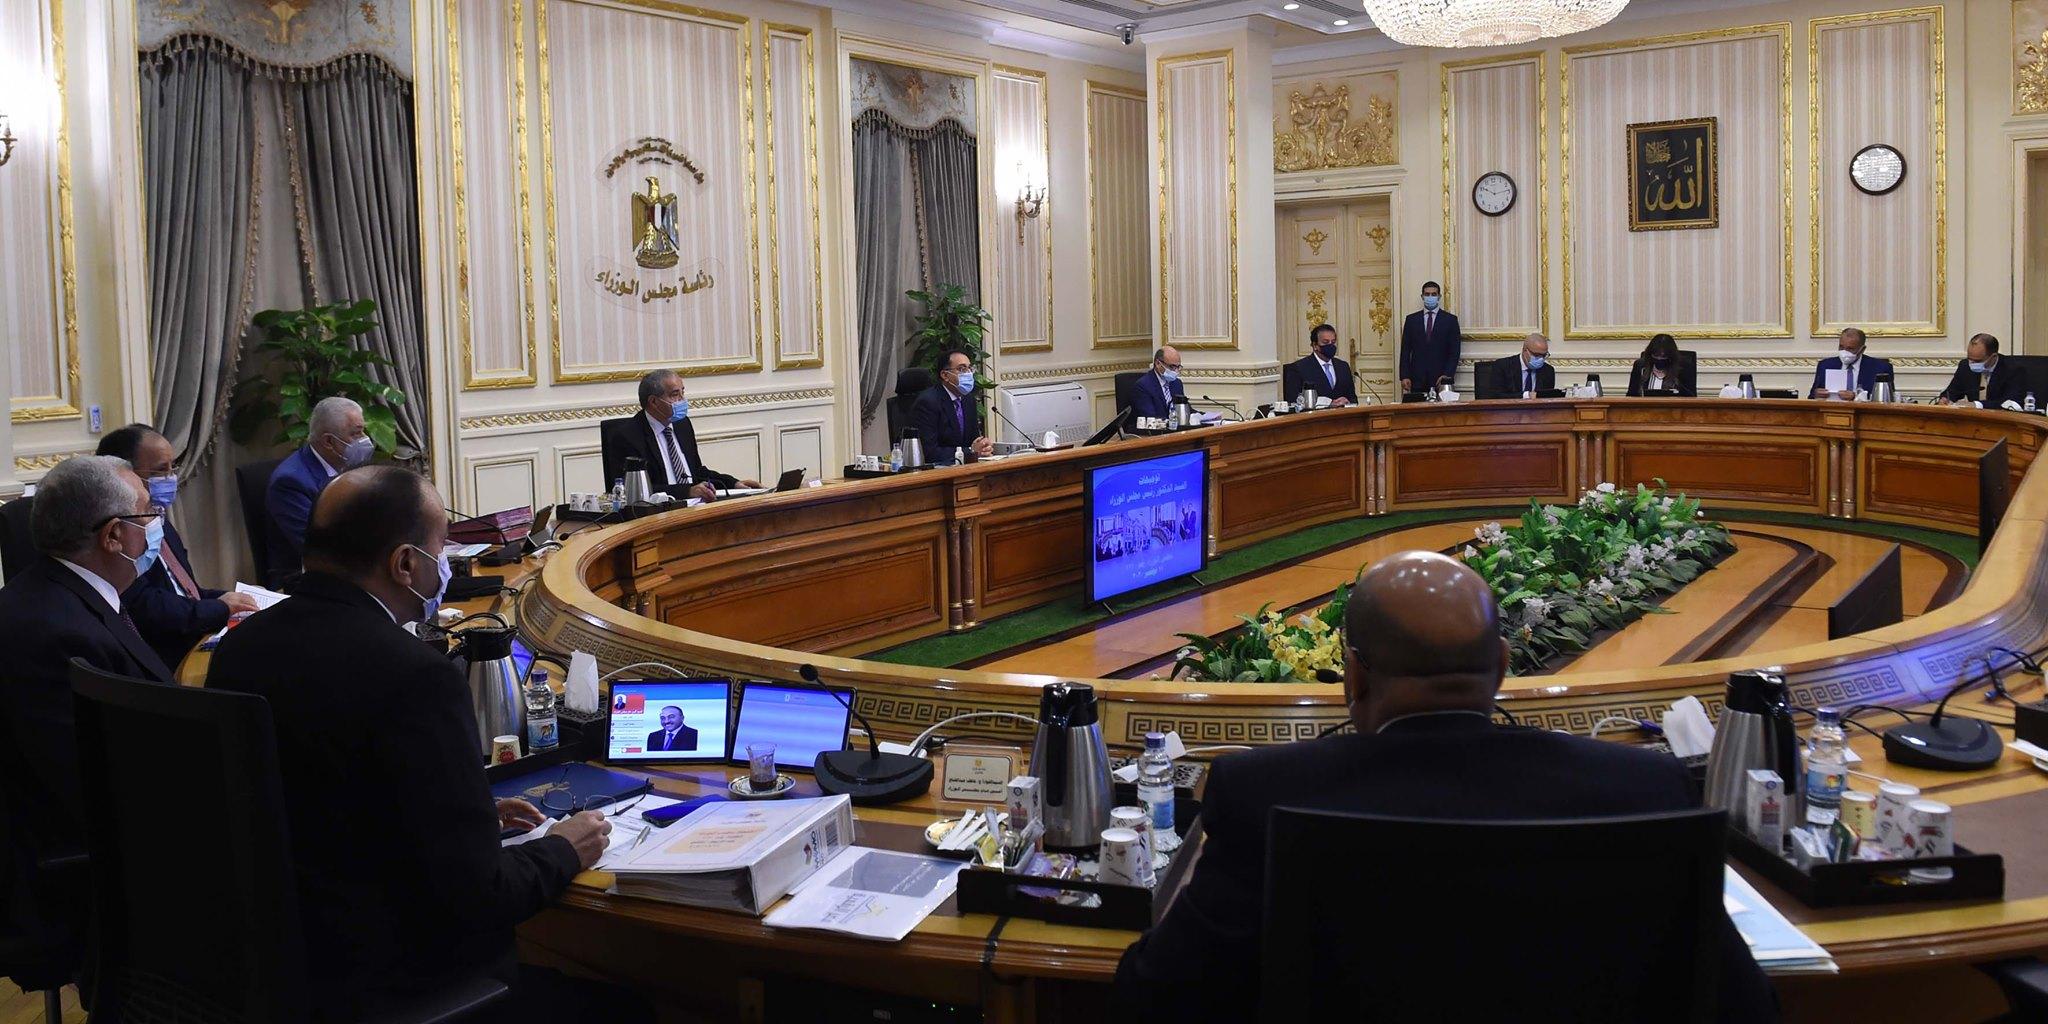 رئيس الوزراء: إخلاء جميع المقرات الحكومية بالقاهرة بعد الانتقال للعاصمة الإدارية